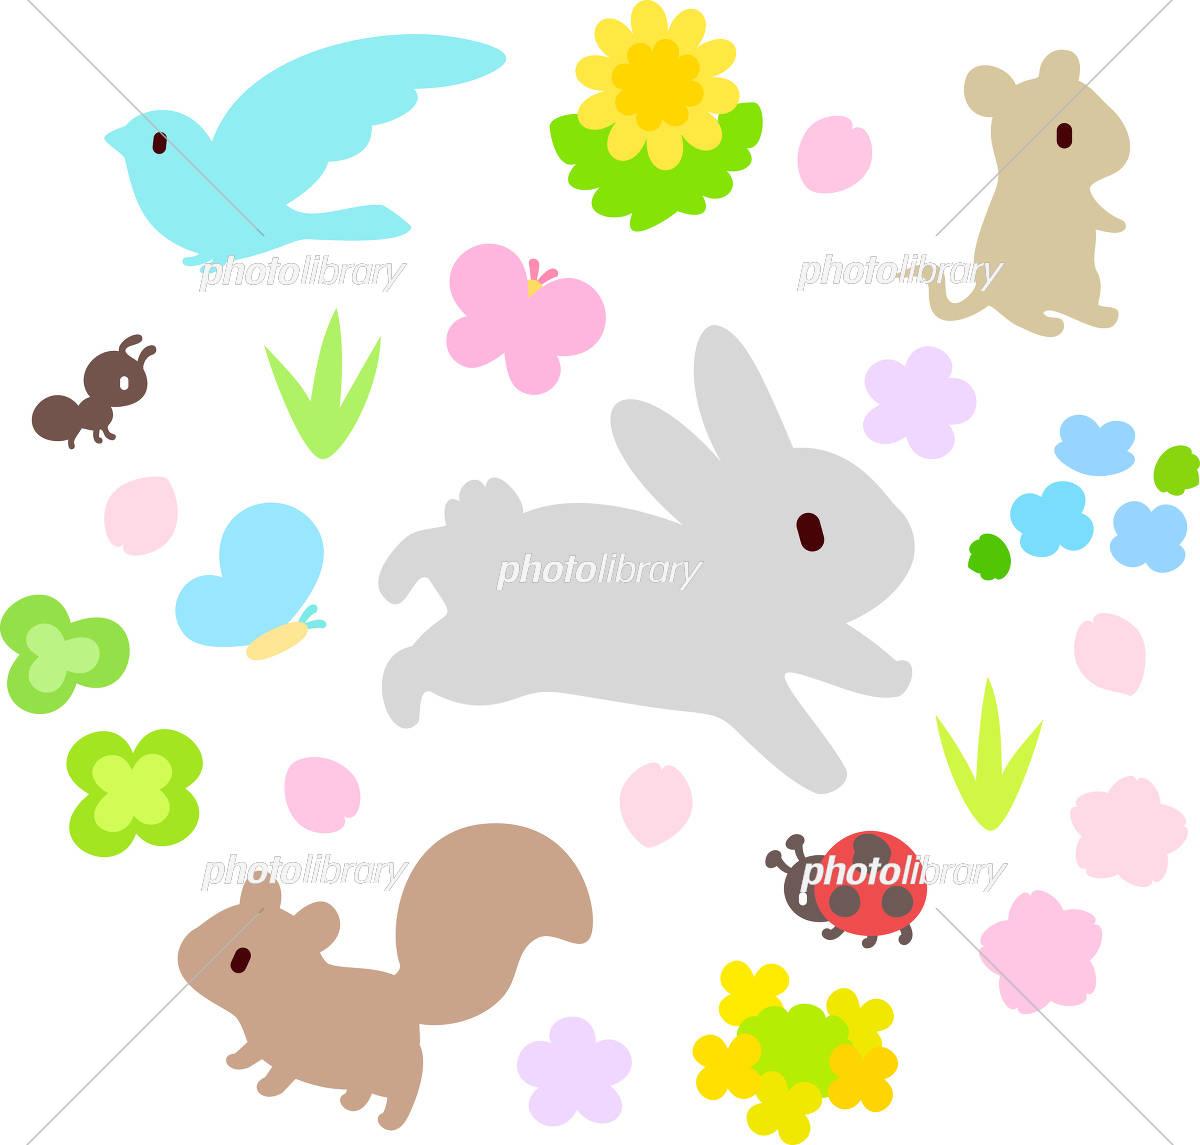 春の花と動物 イラスト素材 [ 5495468 ] - フォトライブラリー photolibrary